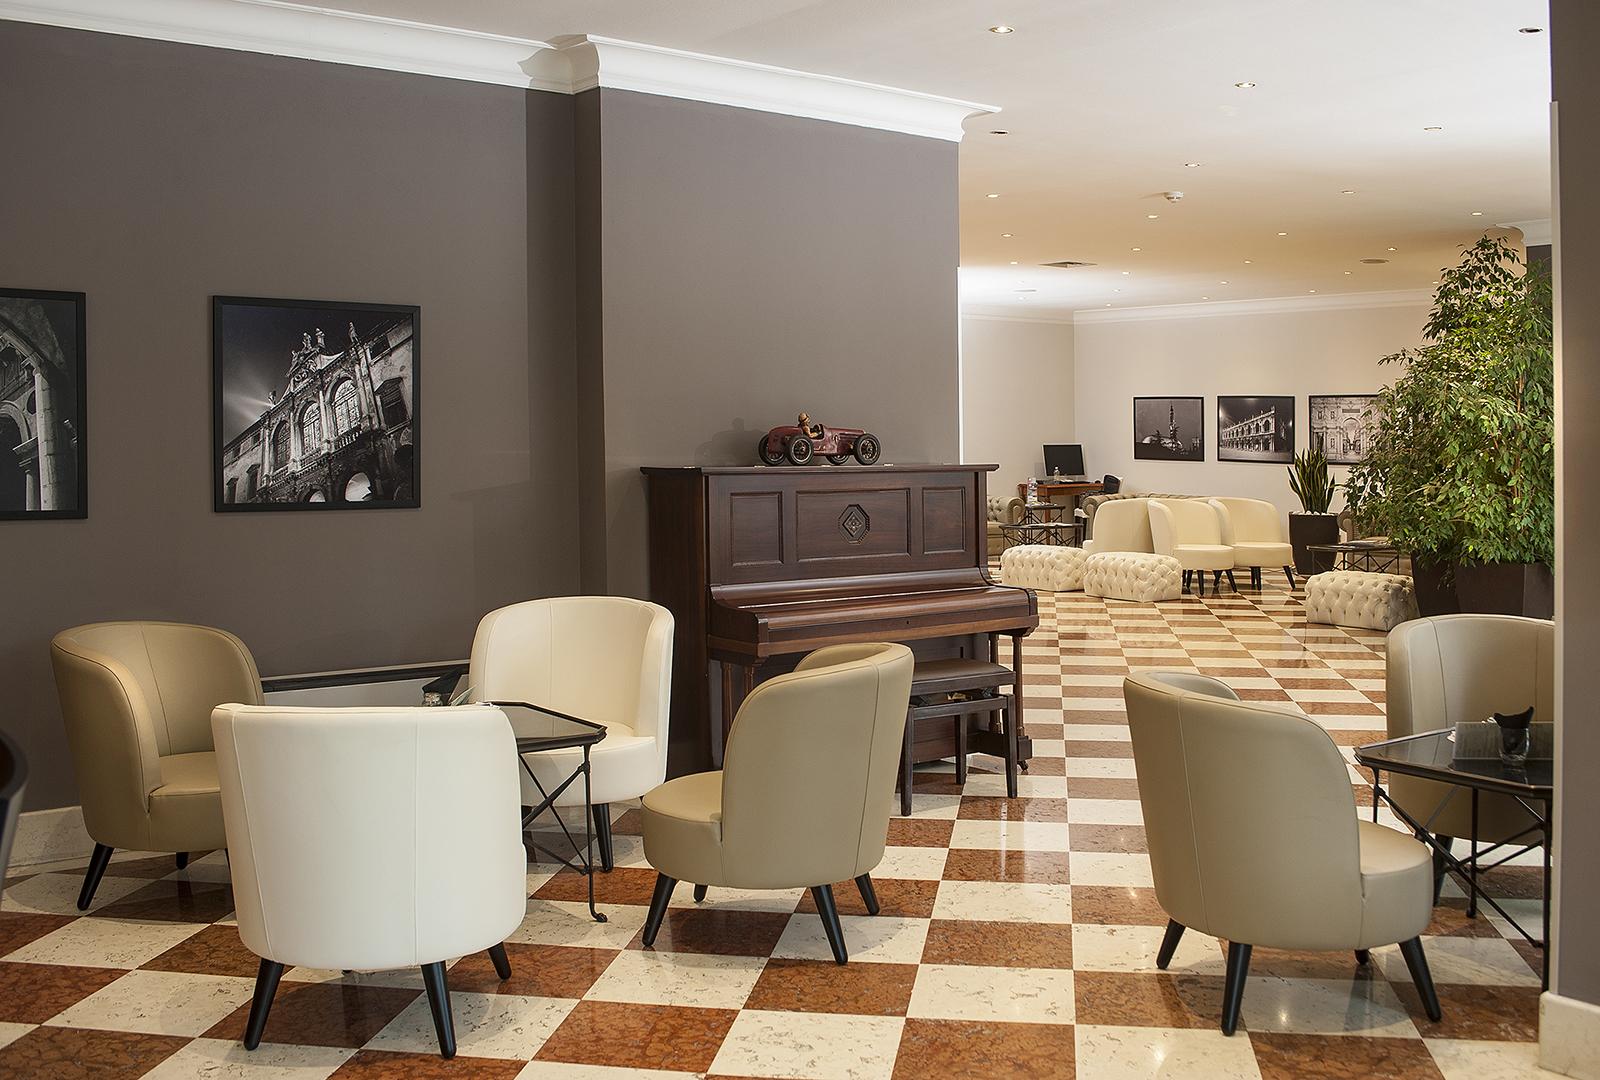 vajenti foto hotel De la Ville vicenza